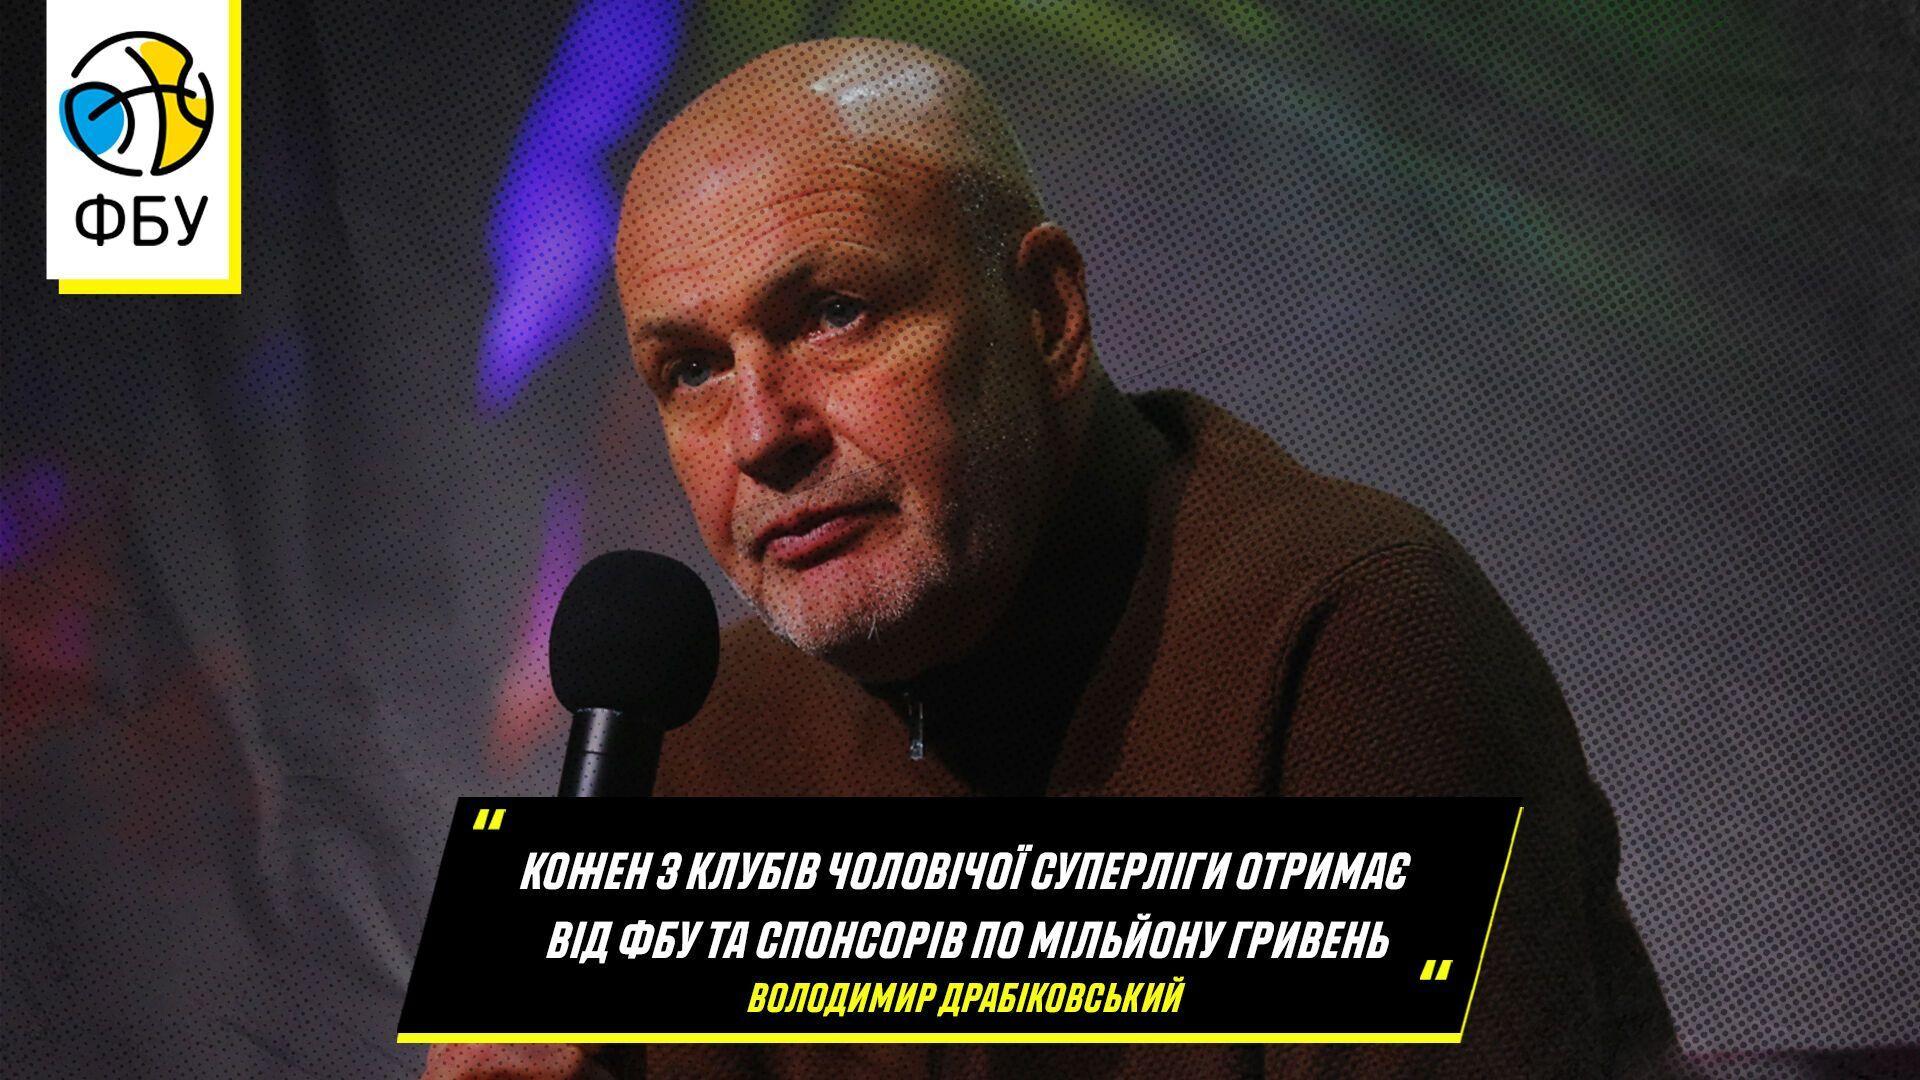 Владимир Драбиковский